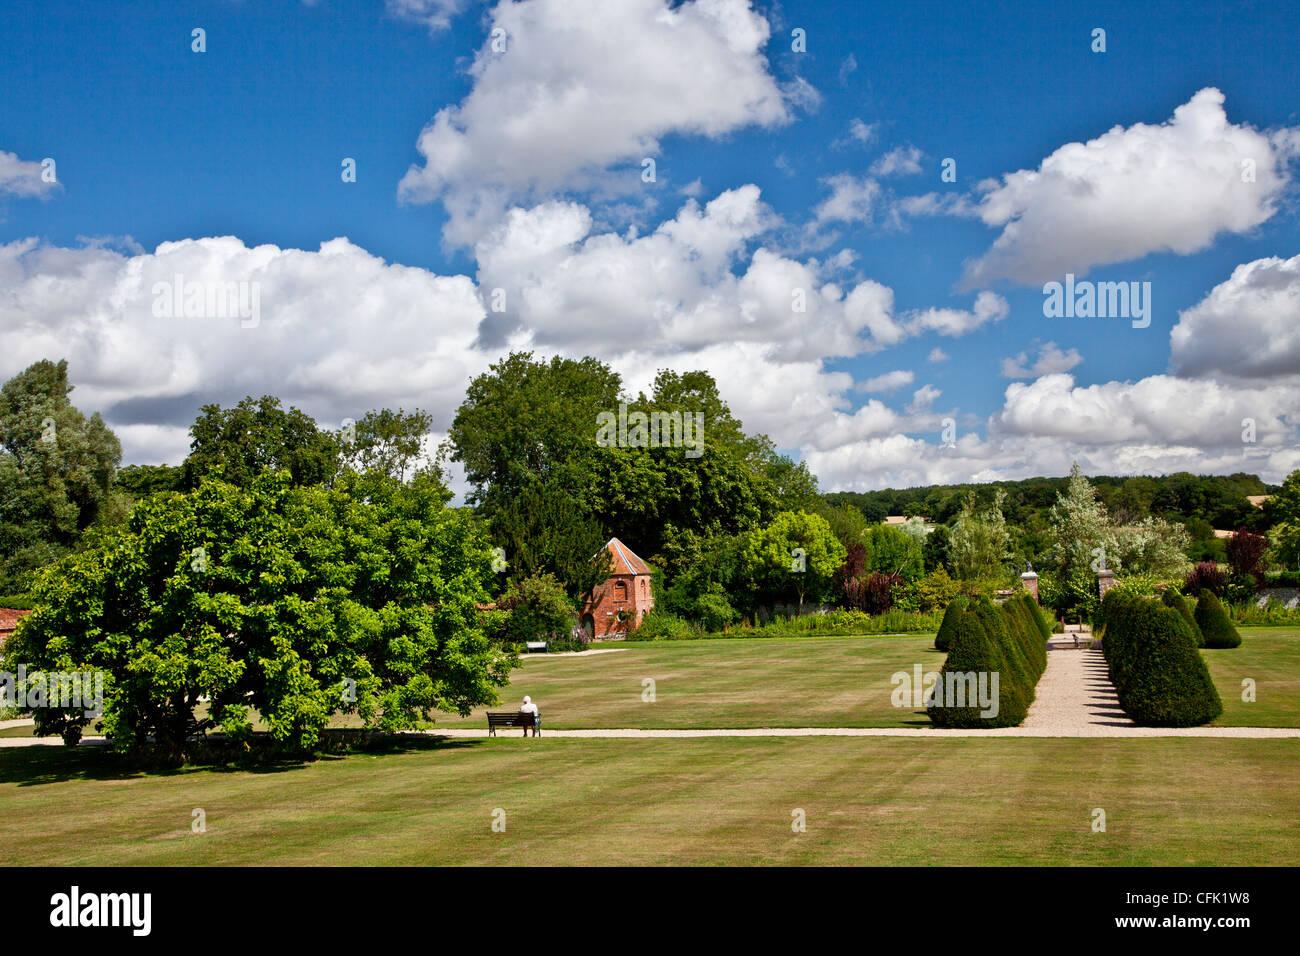 Ver todo el césped del jardín de la campiña inglesa de Littlecote Manor en Berkshire, Inglaterra, Imagen De Stock